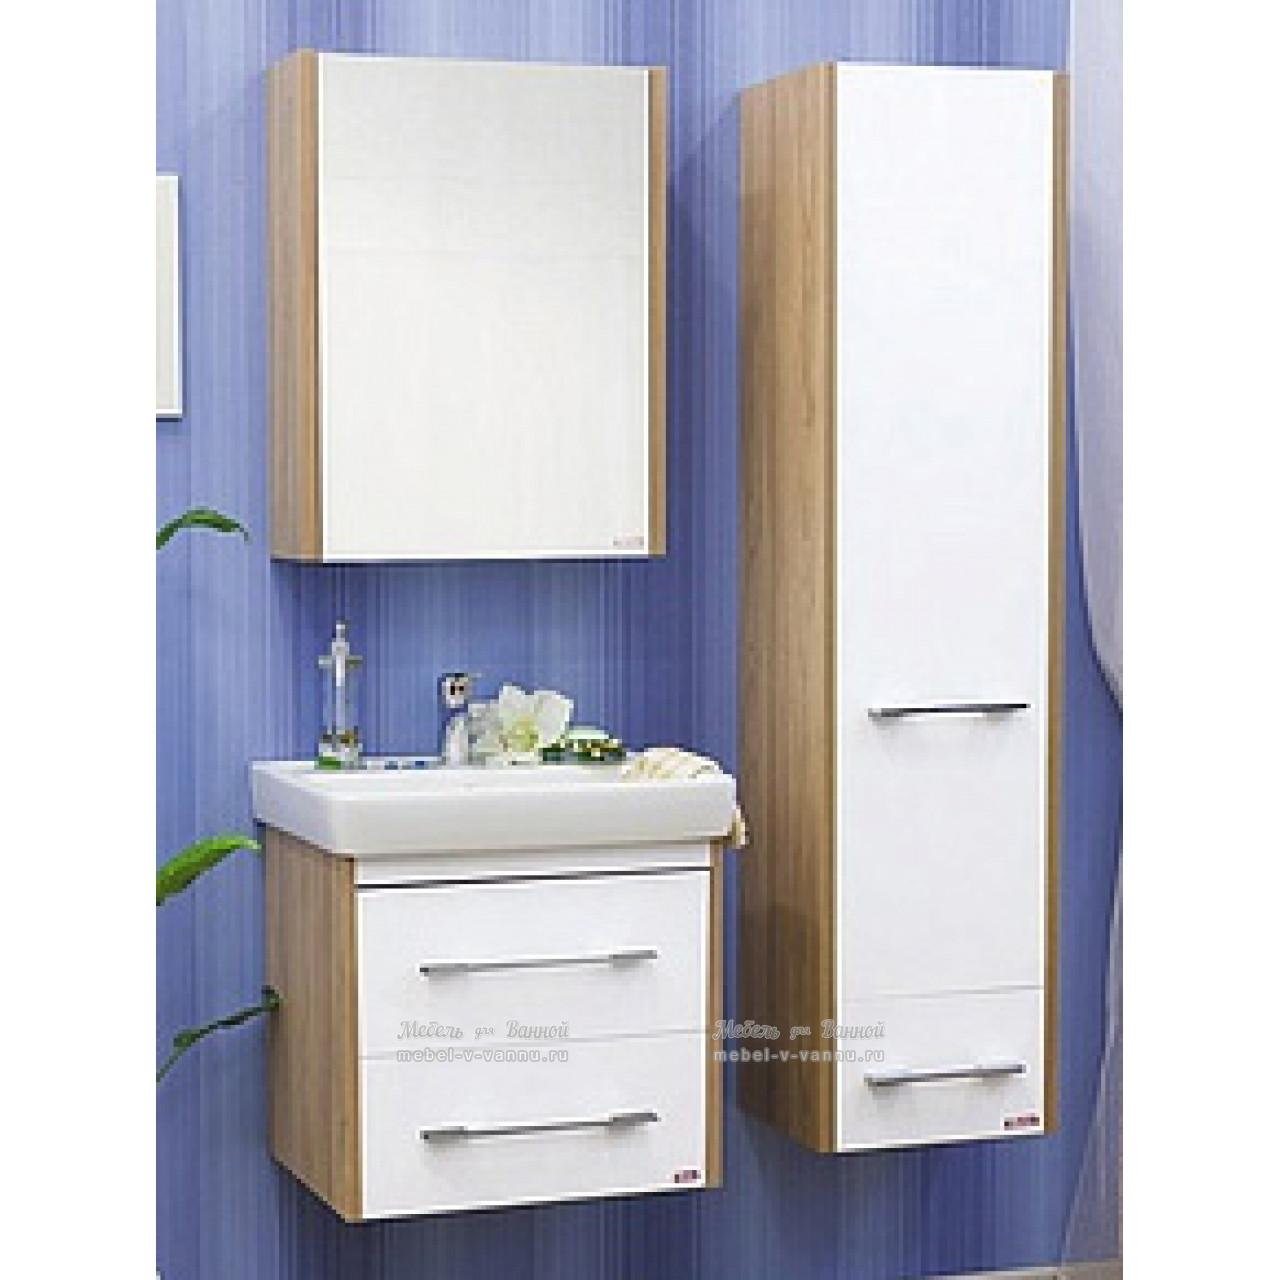 Комплект мебели Sanflor Ларго 60 белый подвесной купить в Москве по цене от 15833р. в интернет-магазине mebel-v-vannu.ru